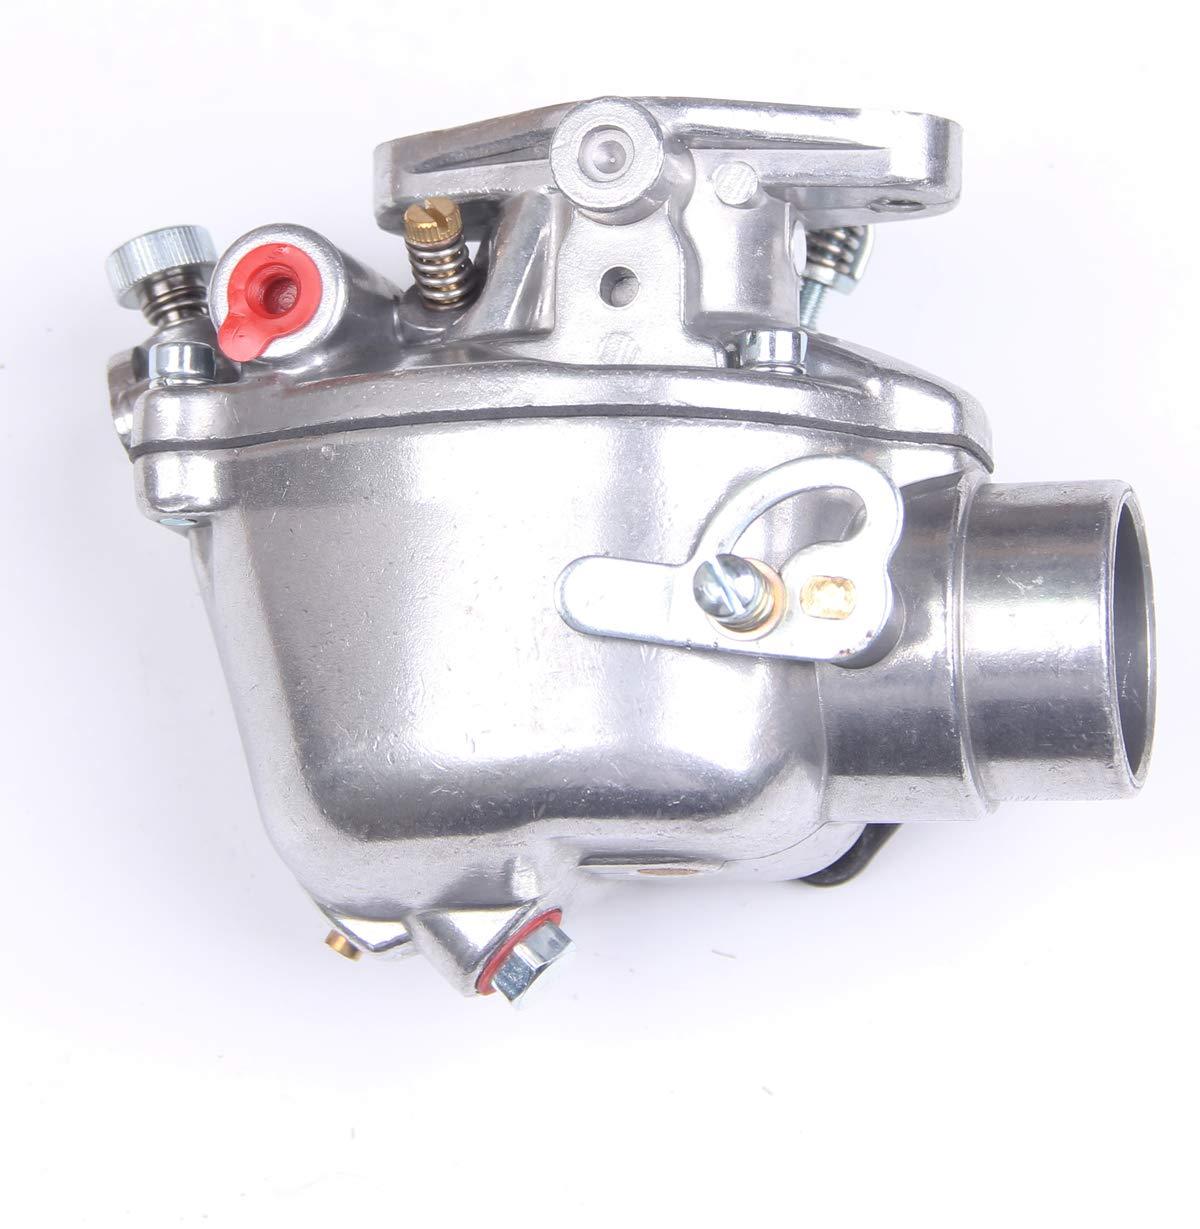 New Carburetor Carb For IH-Farmall Tractor A AV B BN C Super A Super C Replace 352376R92